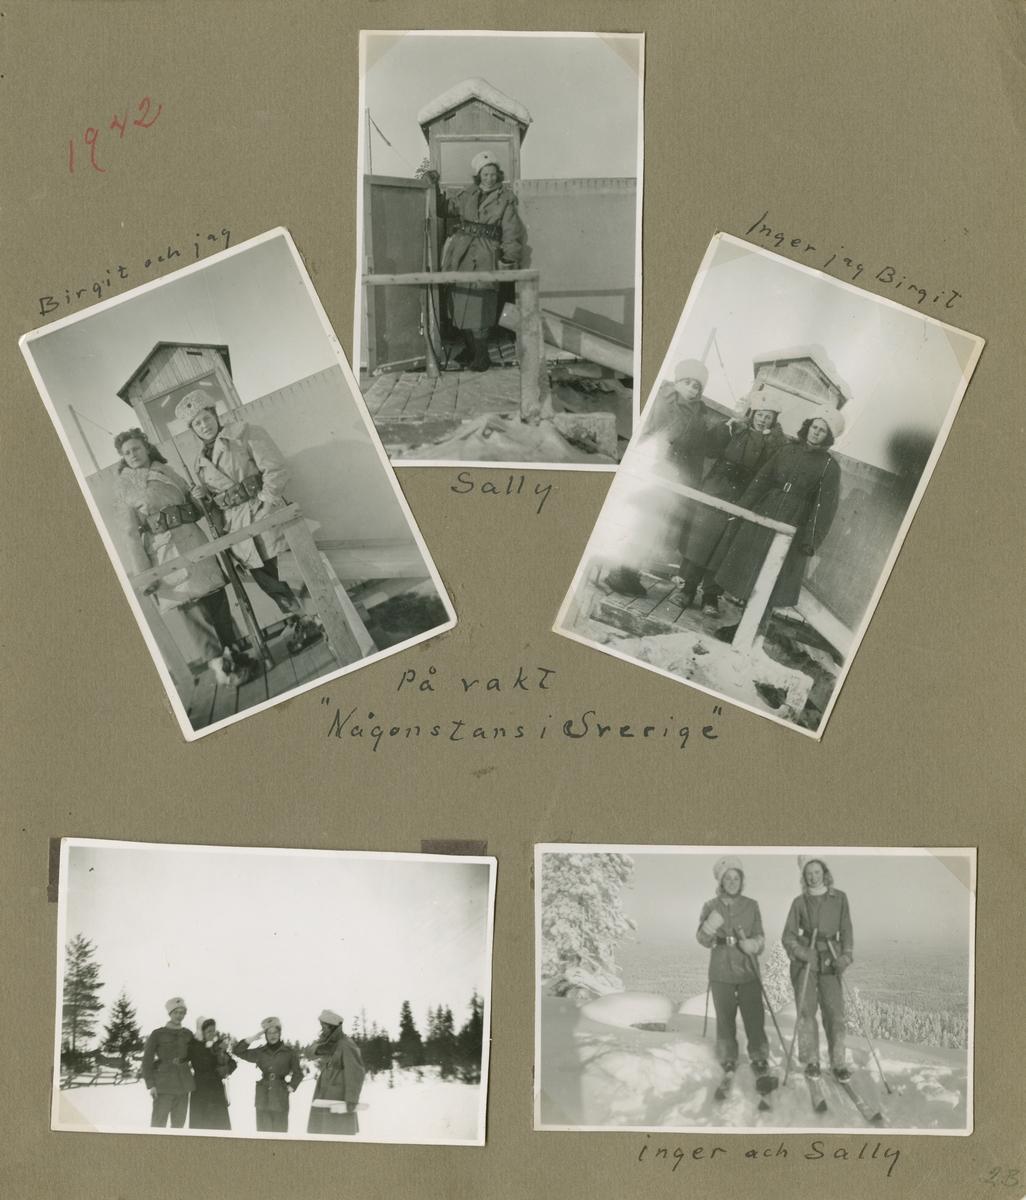 Minnen från luftbevakning i Tellejåkk under beredskapen, 1942. Fotoalbum om fem blad och tio sidor.  Foton av miljöer, förläggning, luftbevakningstorn, personer, luftbevakerskor i uniform, landskap, aktiviteter, renar och samer.